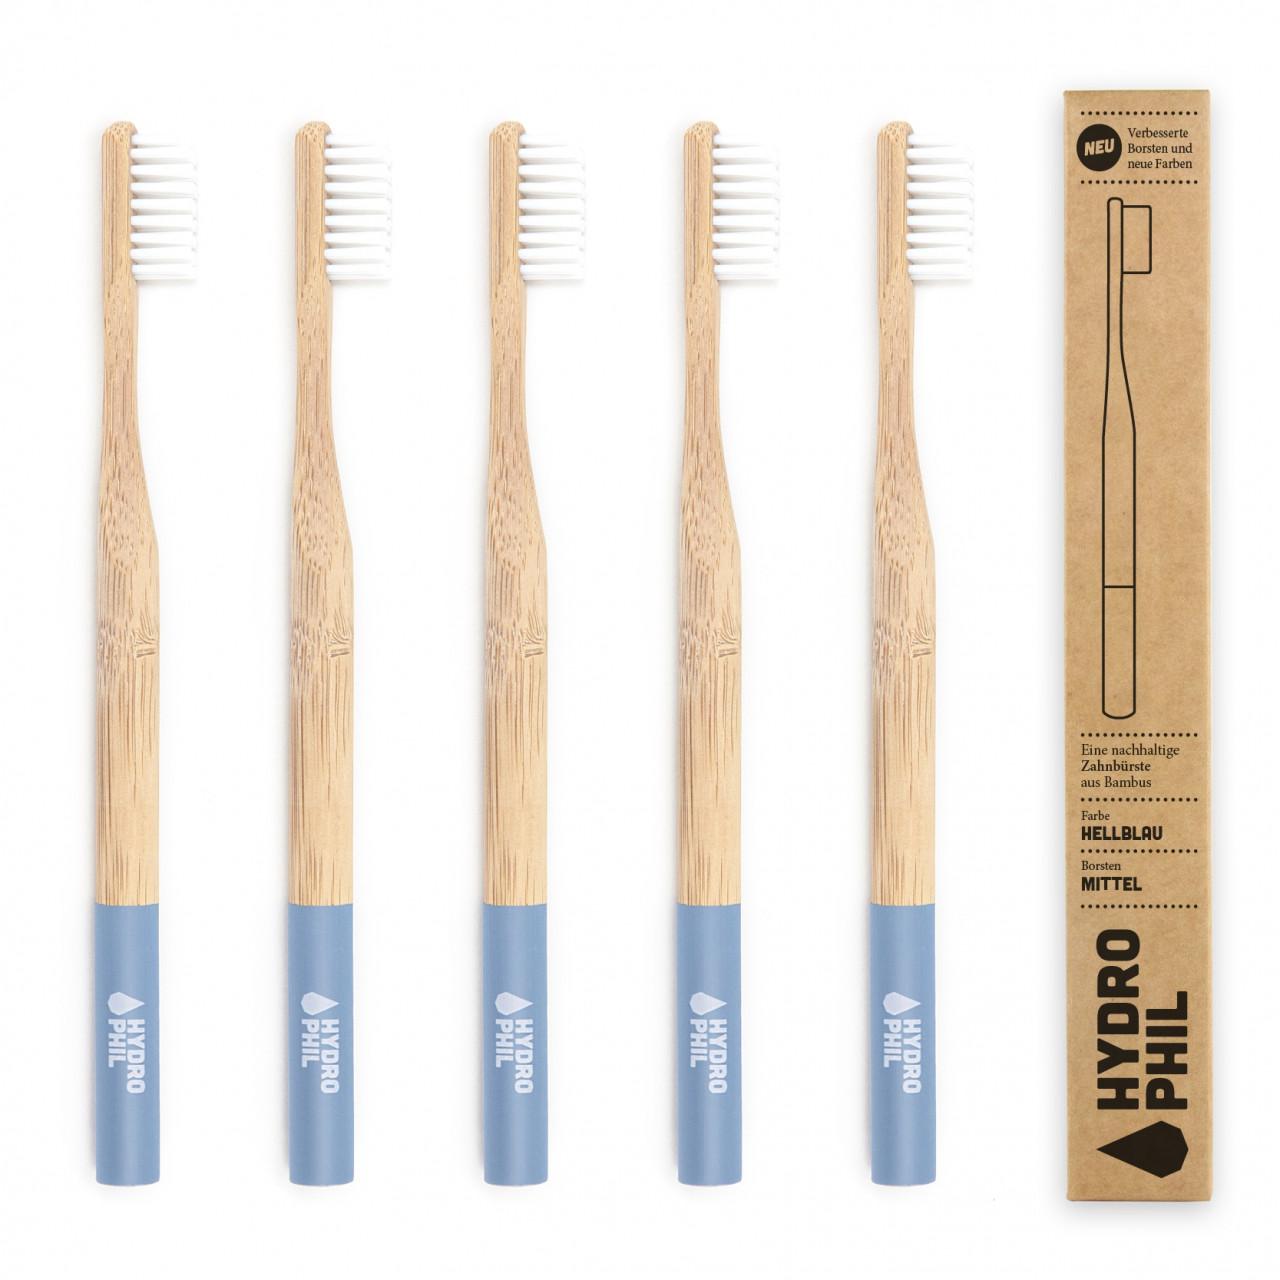 Nachhaltige Zahnbürste – hellblau – Mittelweich